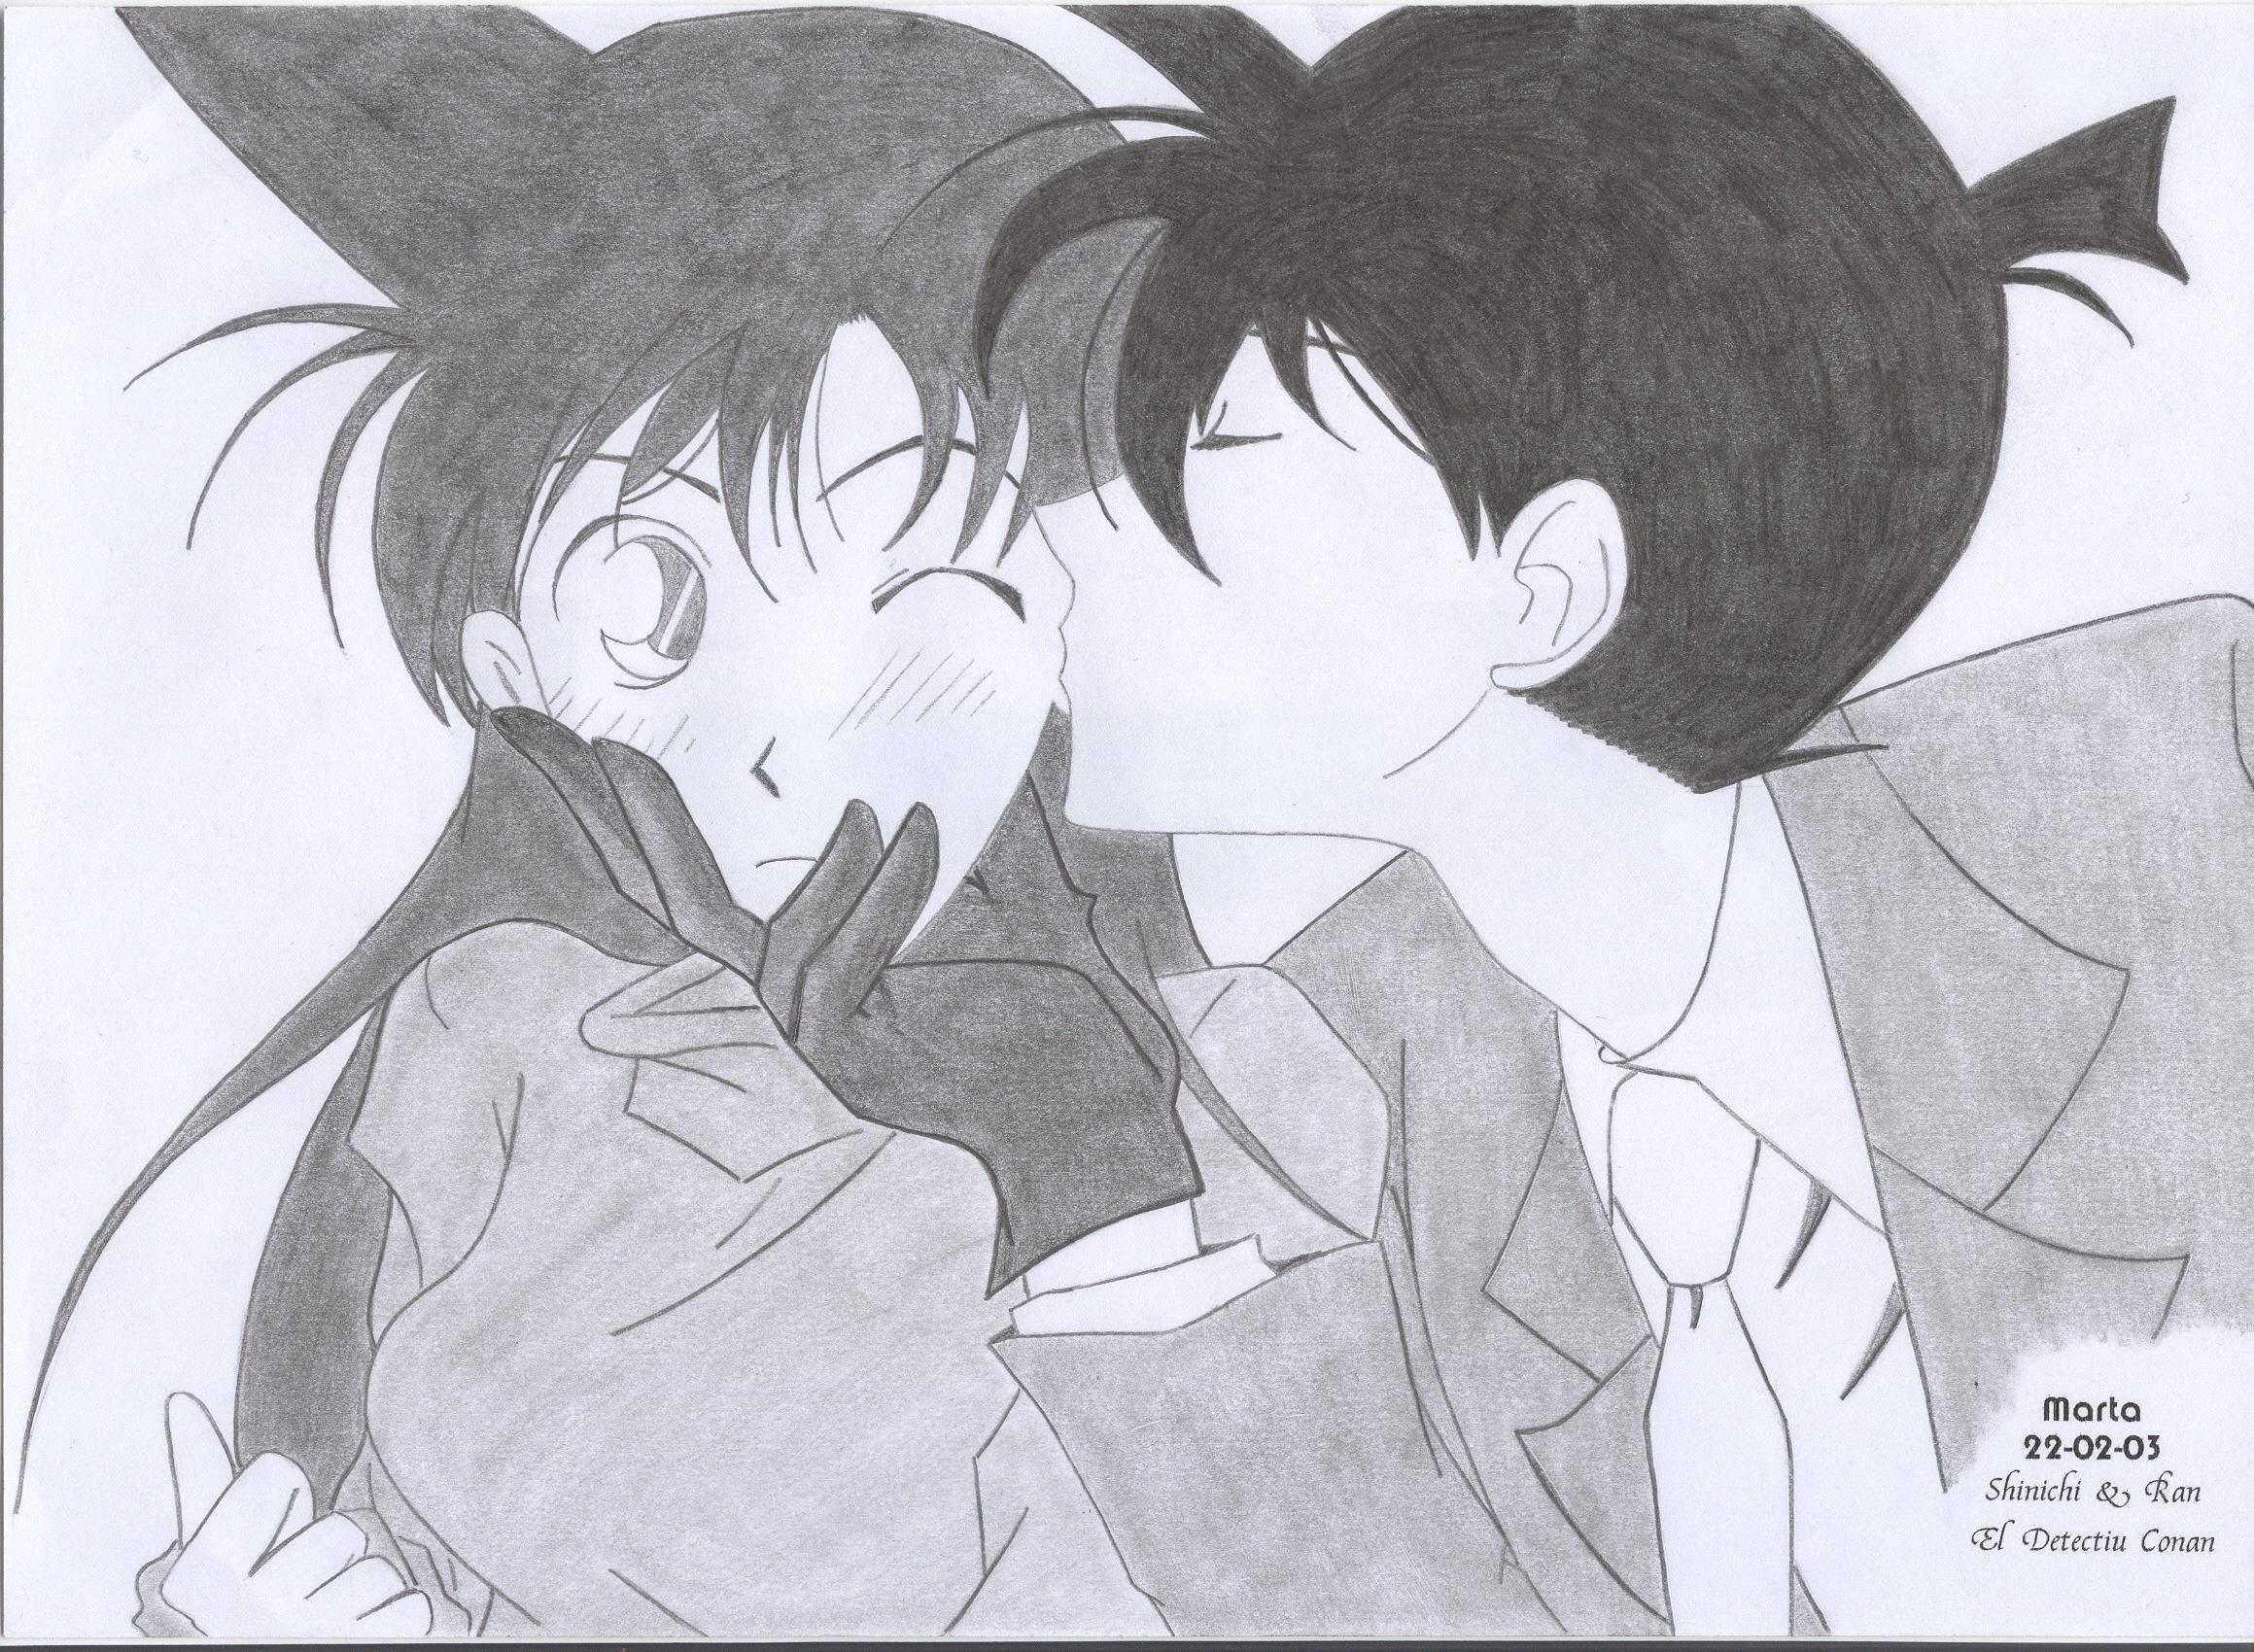 ... conan hentai detective conan inspiring detective conan anime hentai